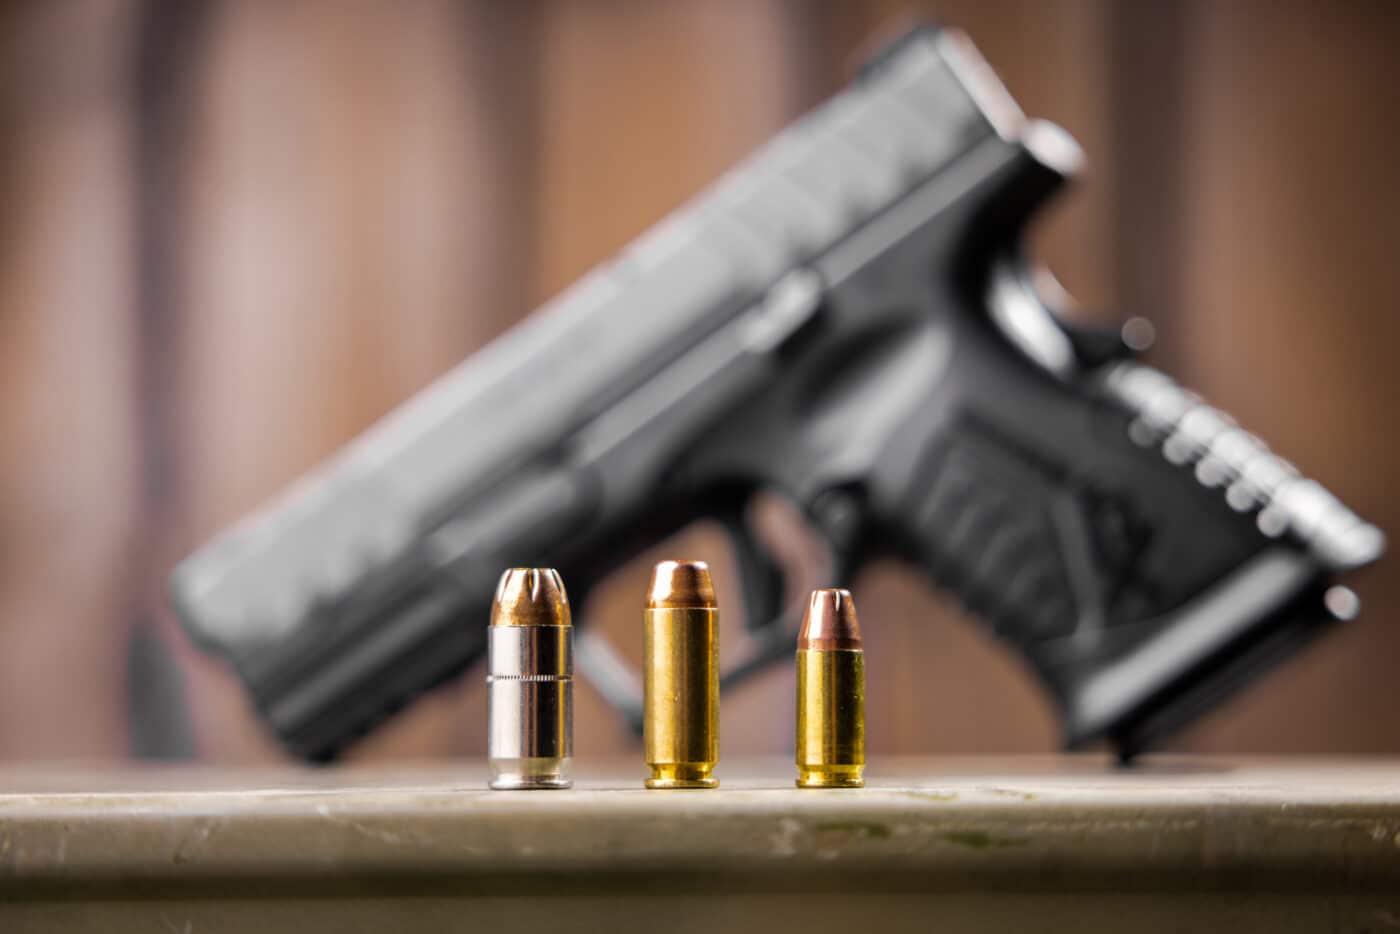 9mm vs. 10mm vs. .45 ACP caliber comparison